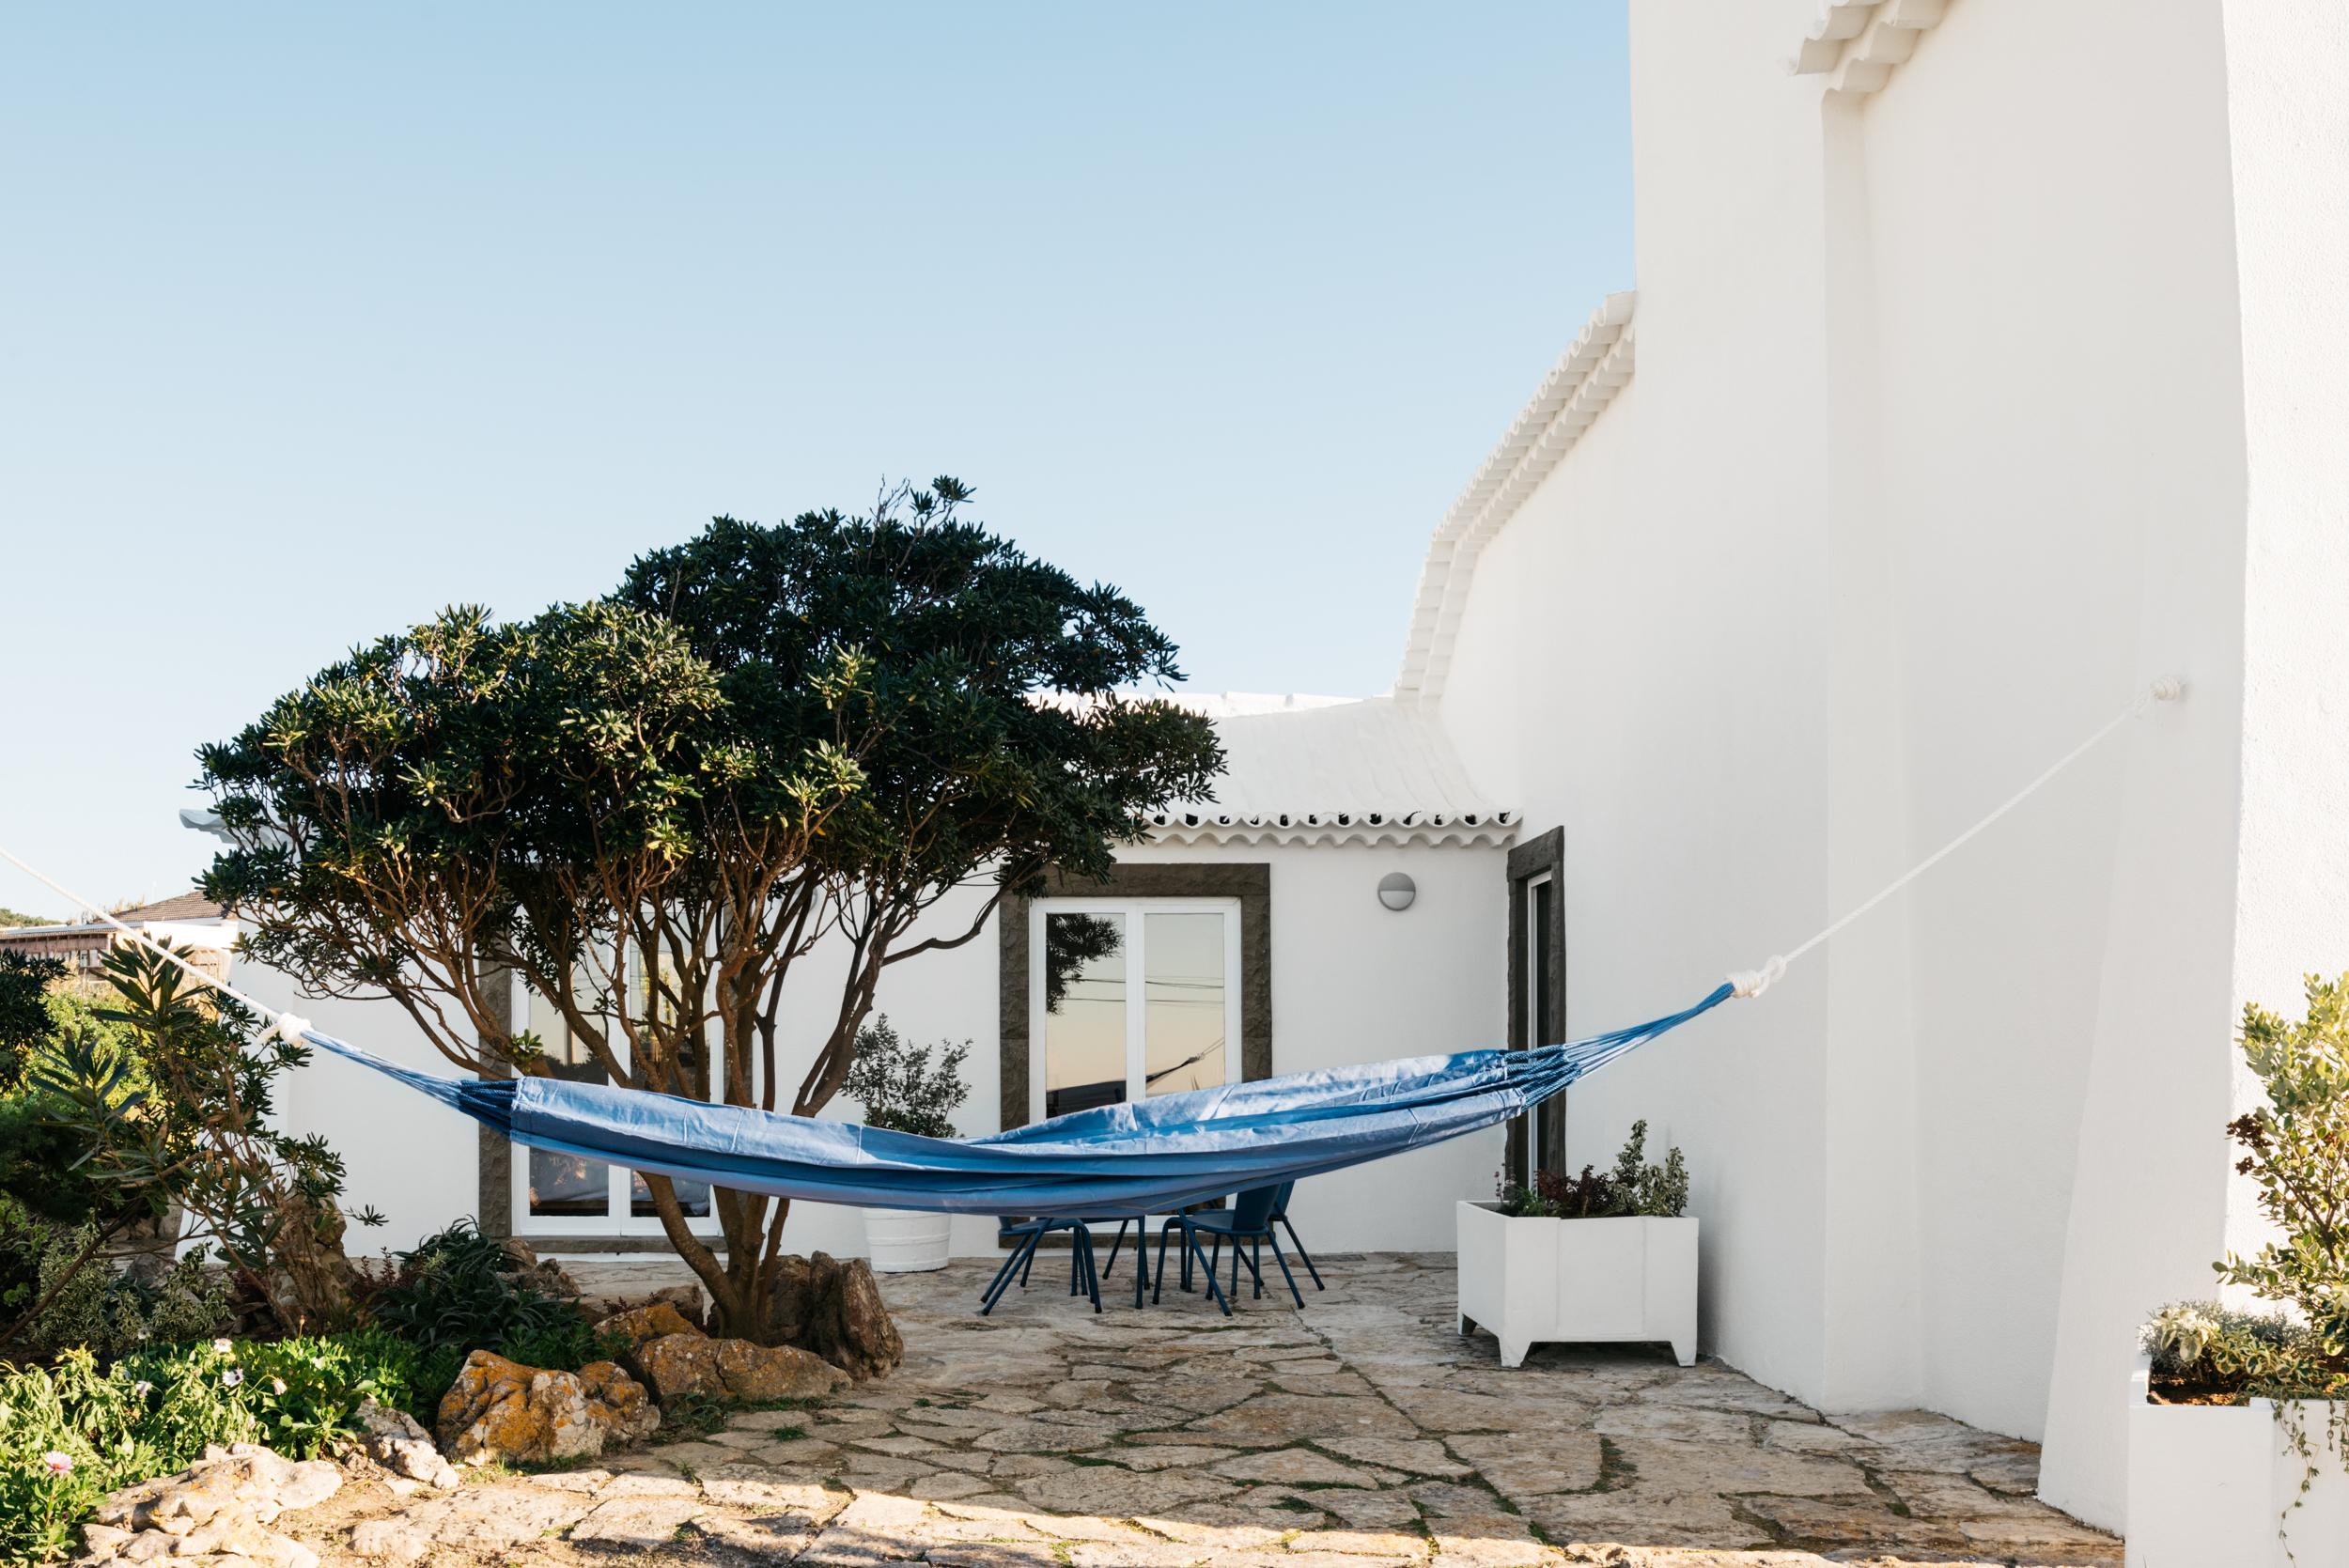 Photo courtesy of Outpost Casa das Arribas